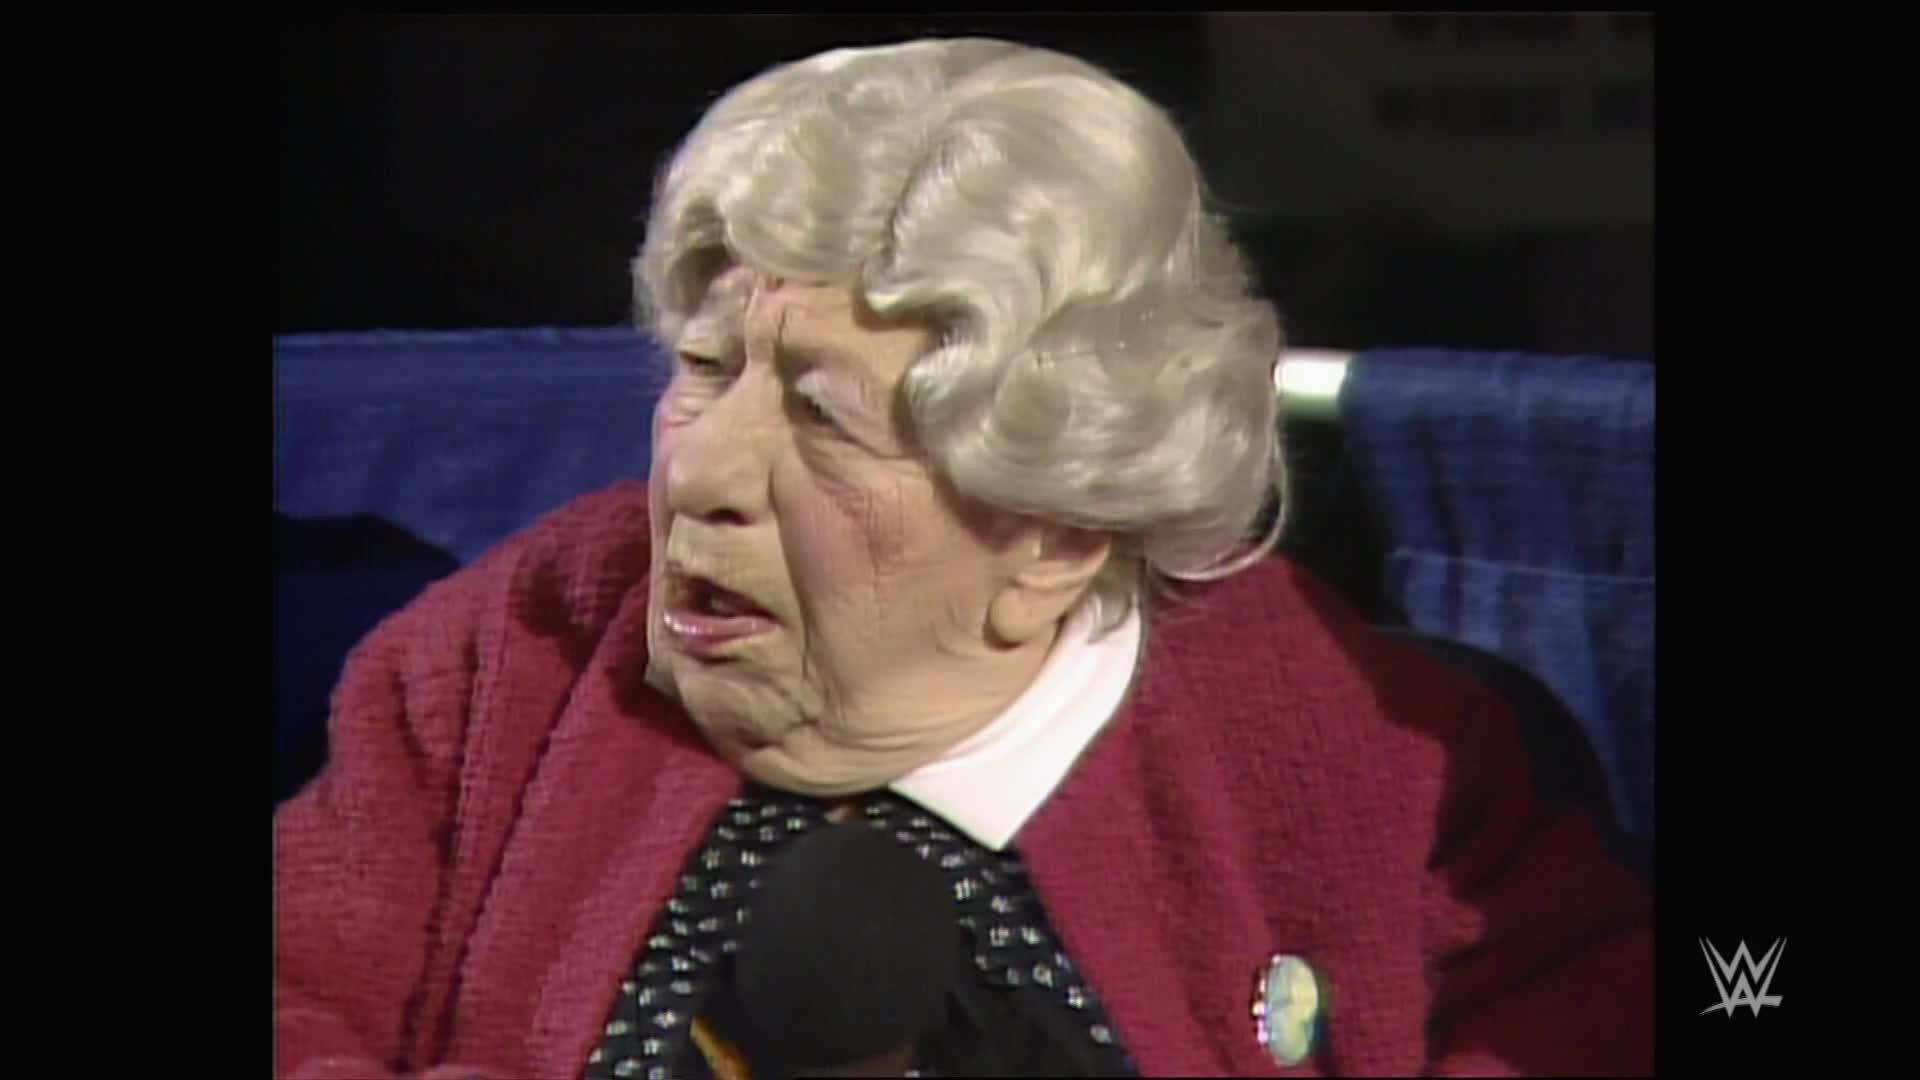 """Clara Peller, de la célèbre phrase """"Where's the beef?"""", a du mal à réciter son texte: WrestleMania 2"""